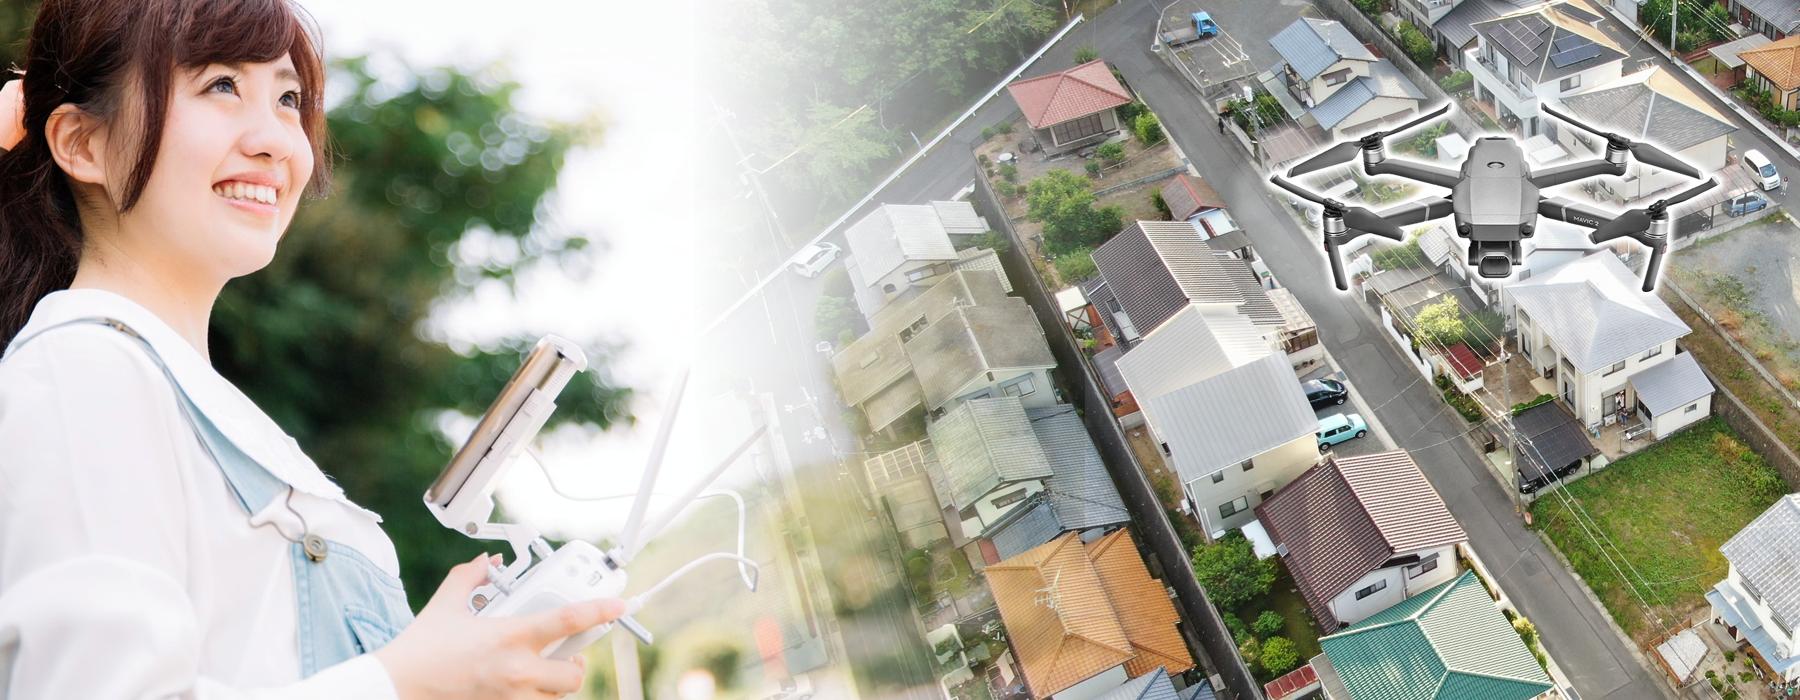 ドローン屋根点検/集合写真/観光PR/企業PR/商業施設等のPR